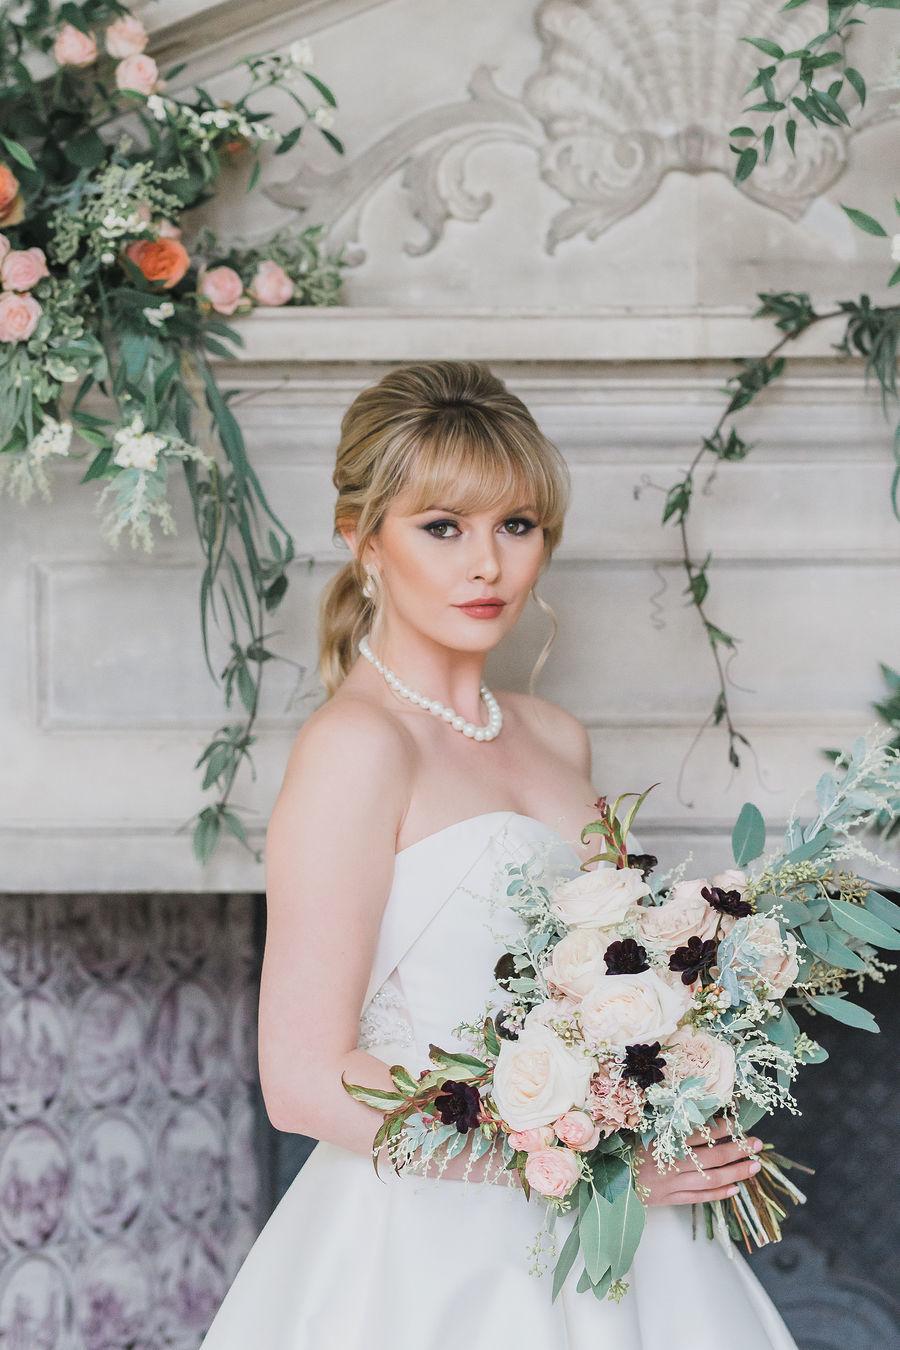 Flowers in Bloom / Model Carla Monaco / Uploaded 13th February 2020 @ 05:09 PM